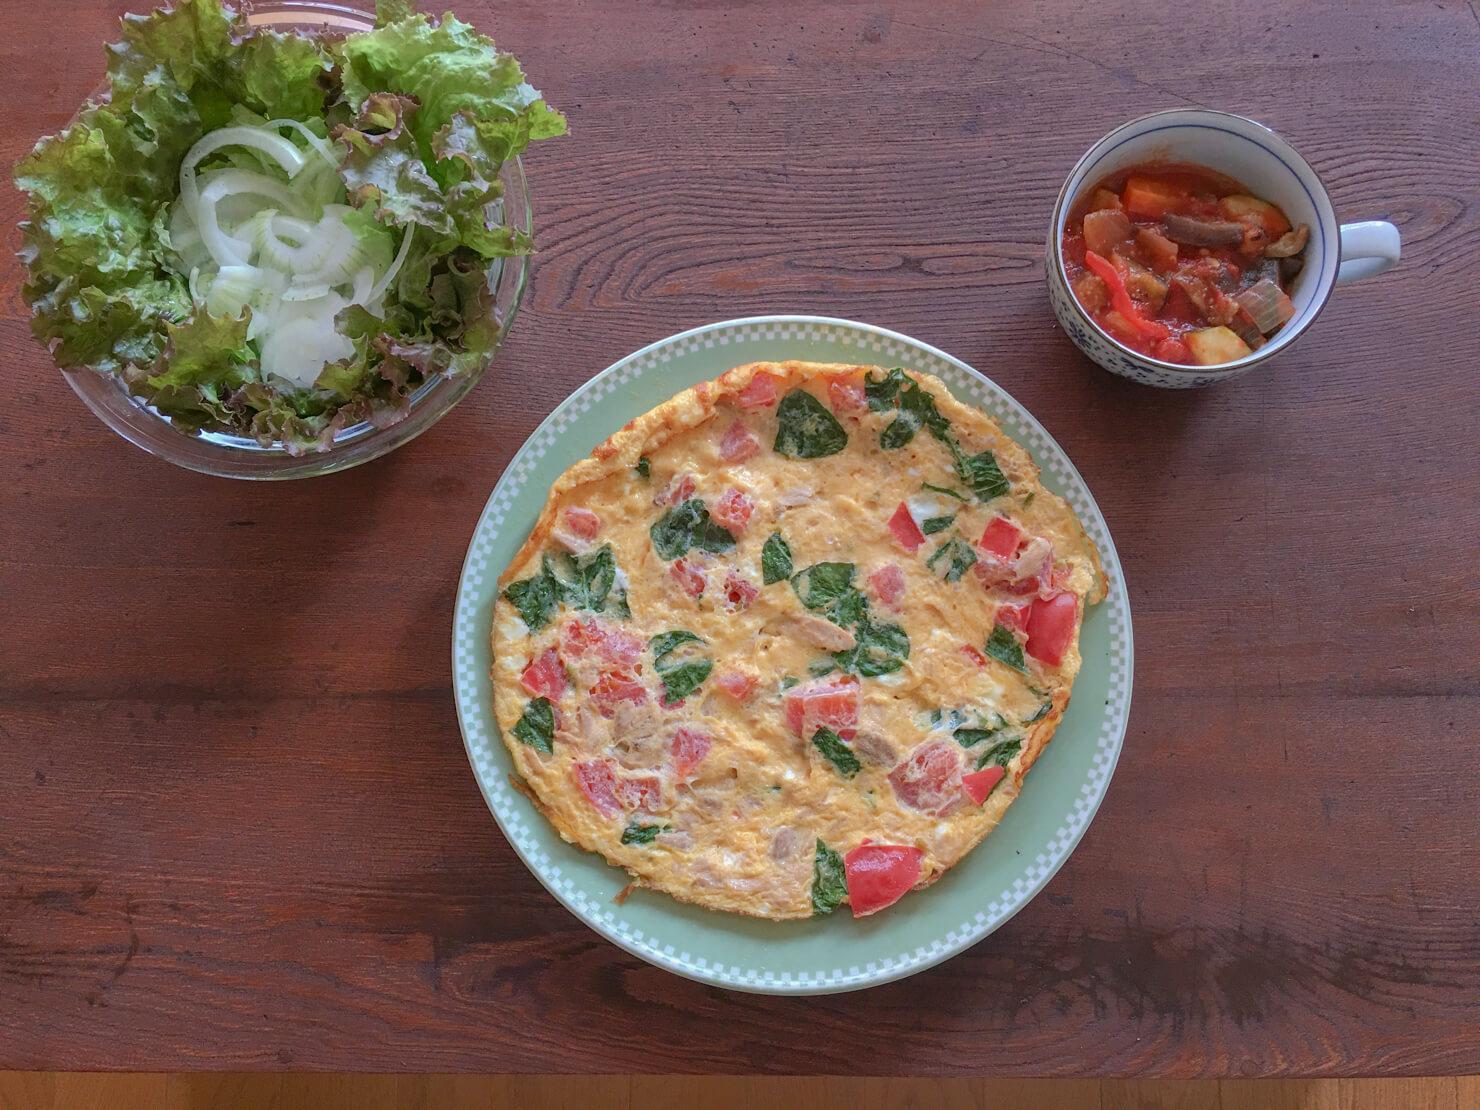 バジルとトマトとツナのオープンオムレツ中心の晩御飯の写真